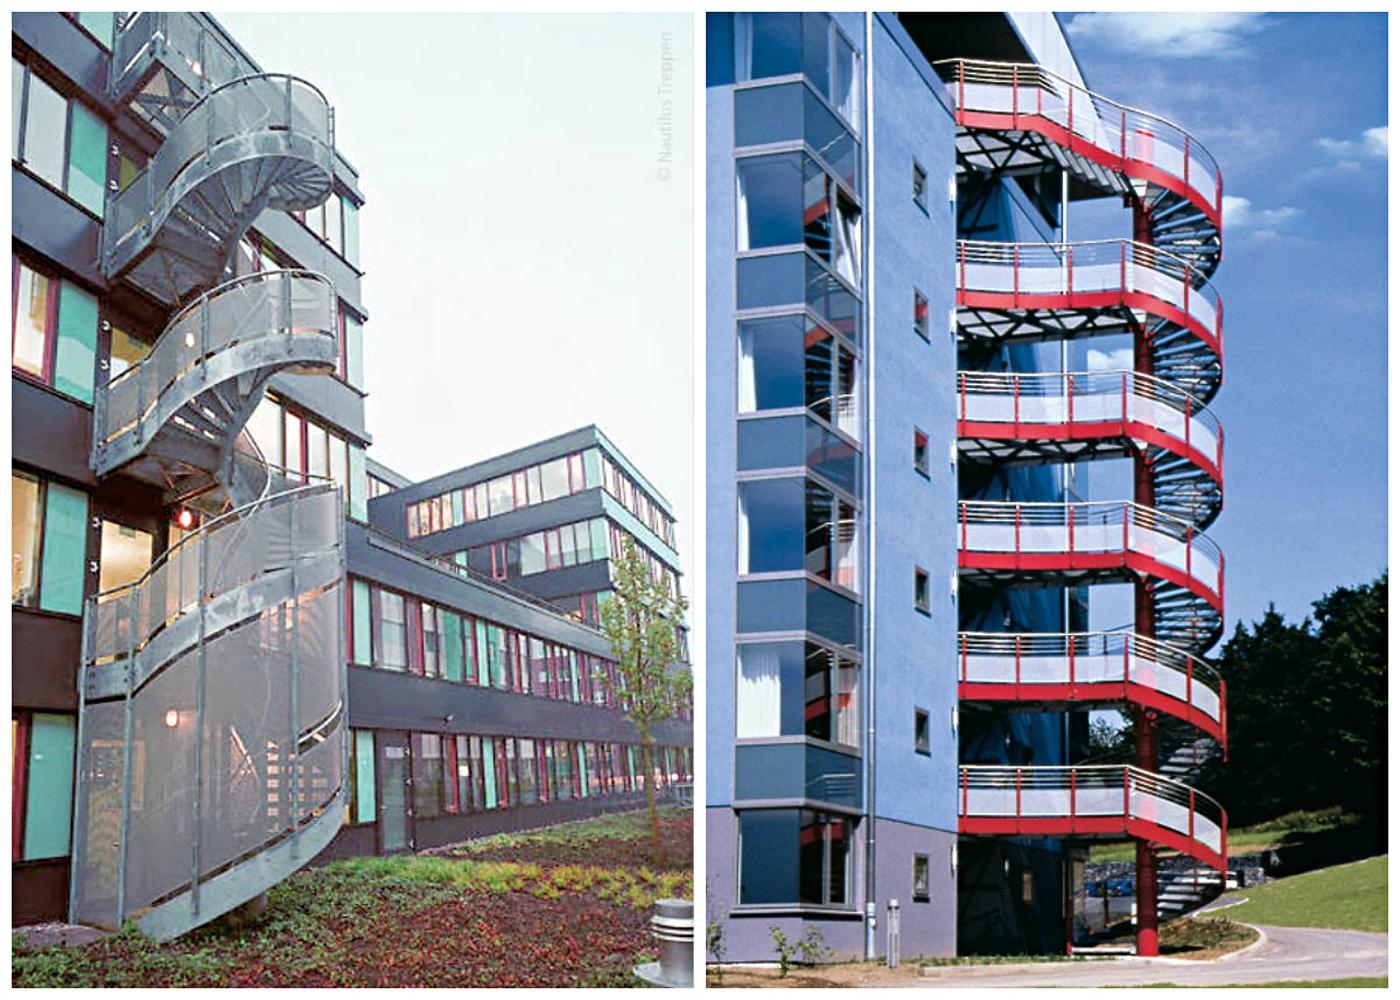 госты лестниц общественных зданий